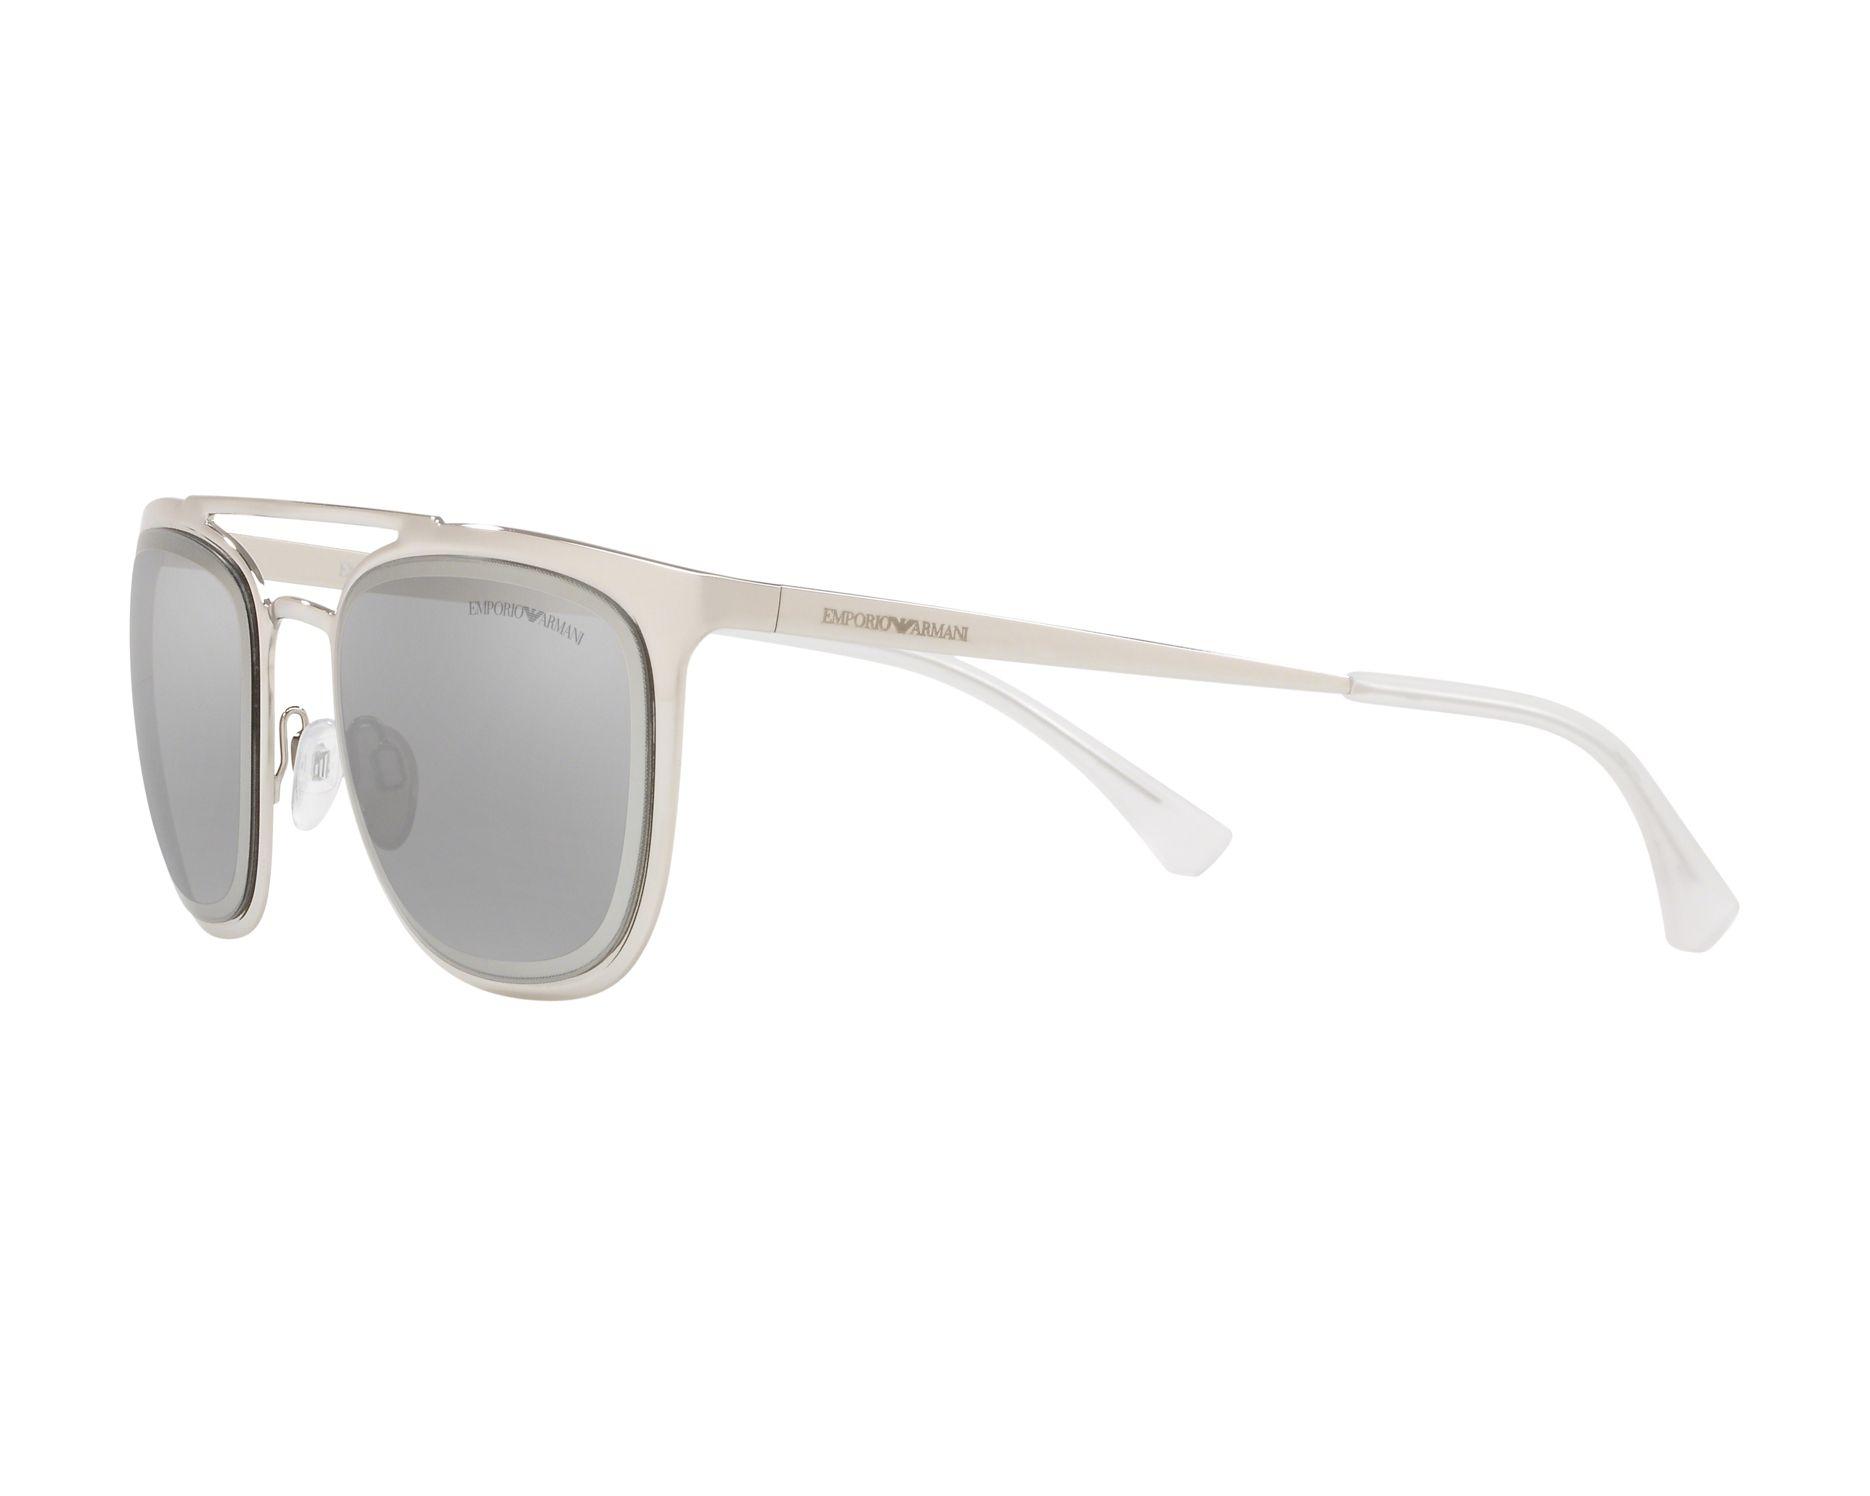 ea58196af Sunglasses Emporio Armani EA-2069 30156G 54-21 Silver 360 degree view 3